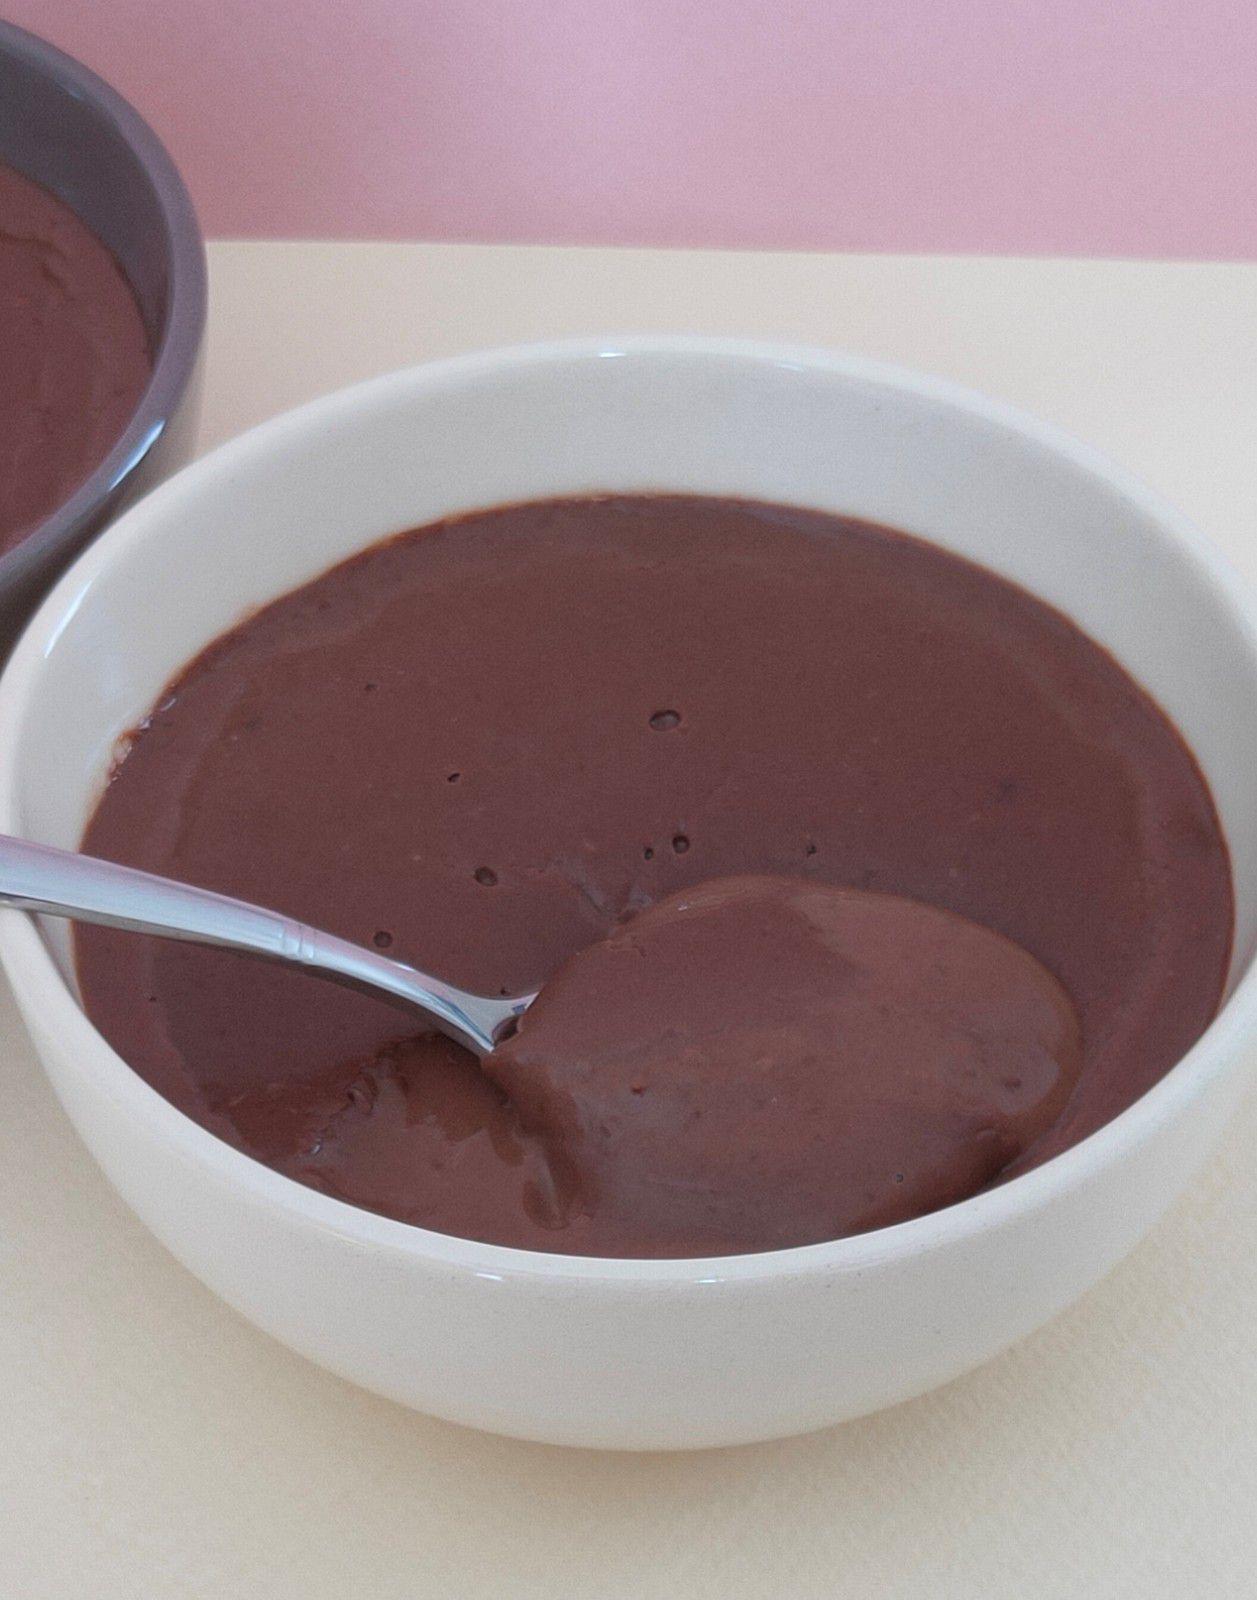 Crème au chocolat comme une Danette